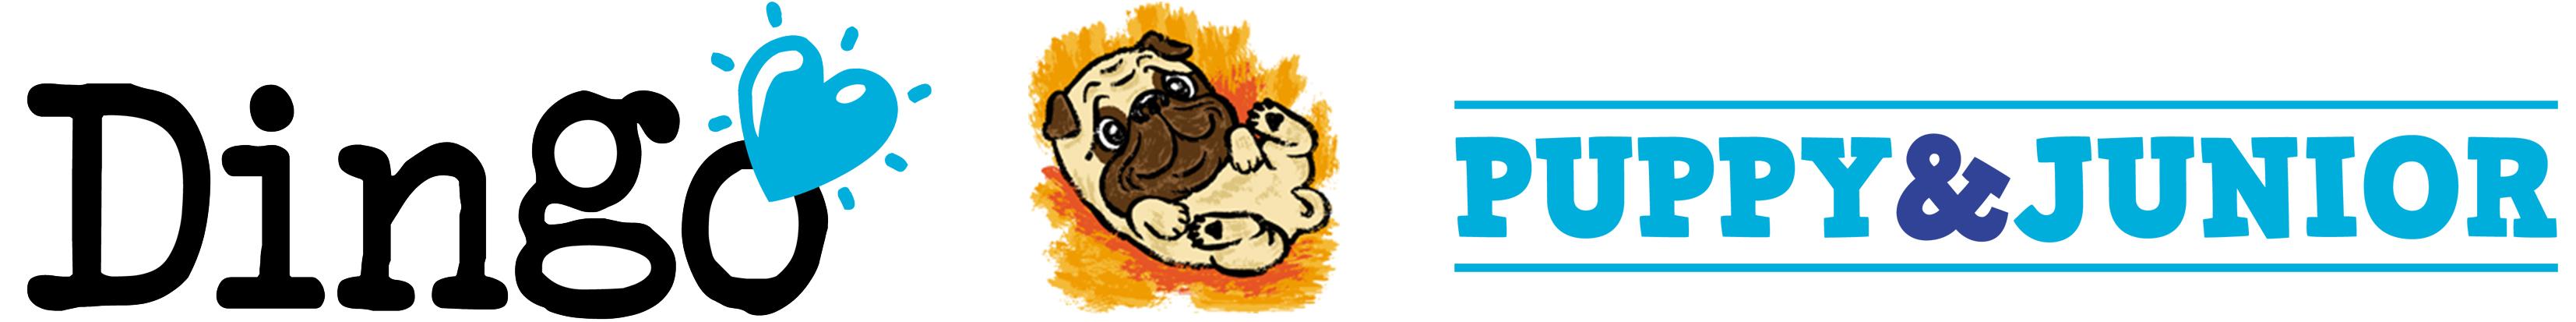 Dingo_Puppy_&_Junior_Cabecera